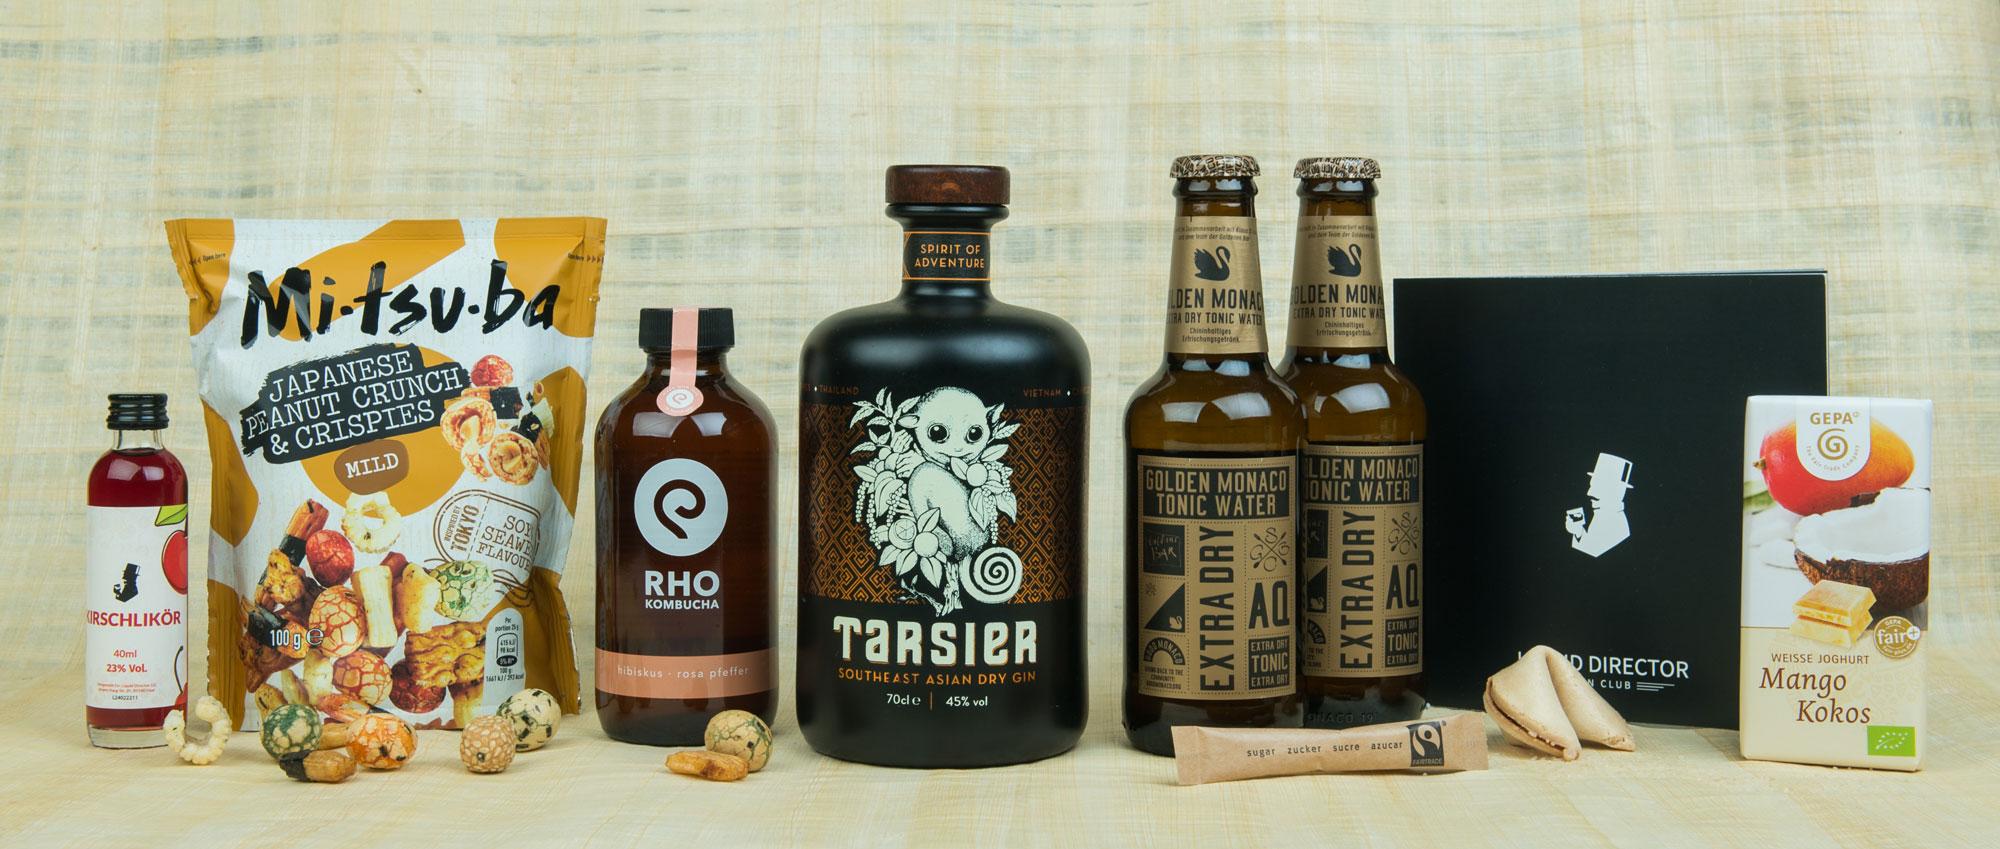 Tarsier Gin Box Asia